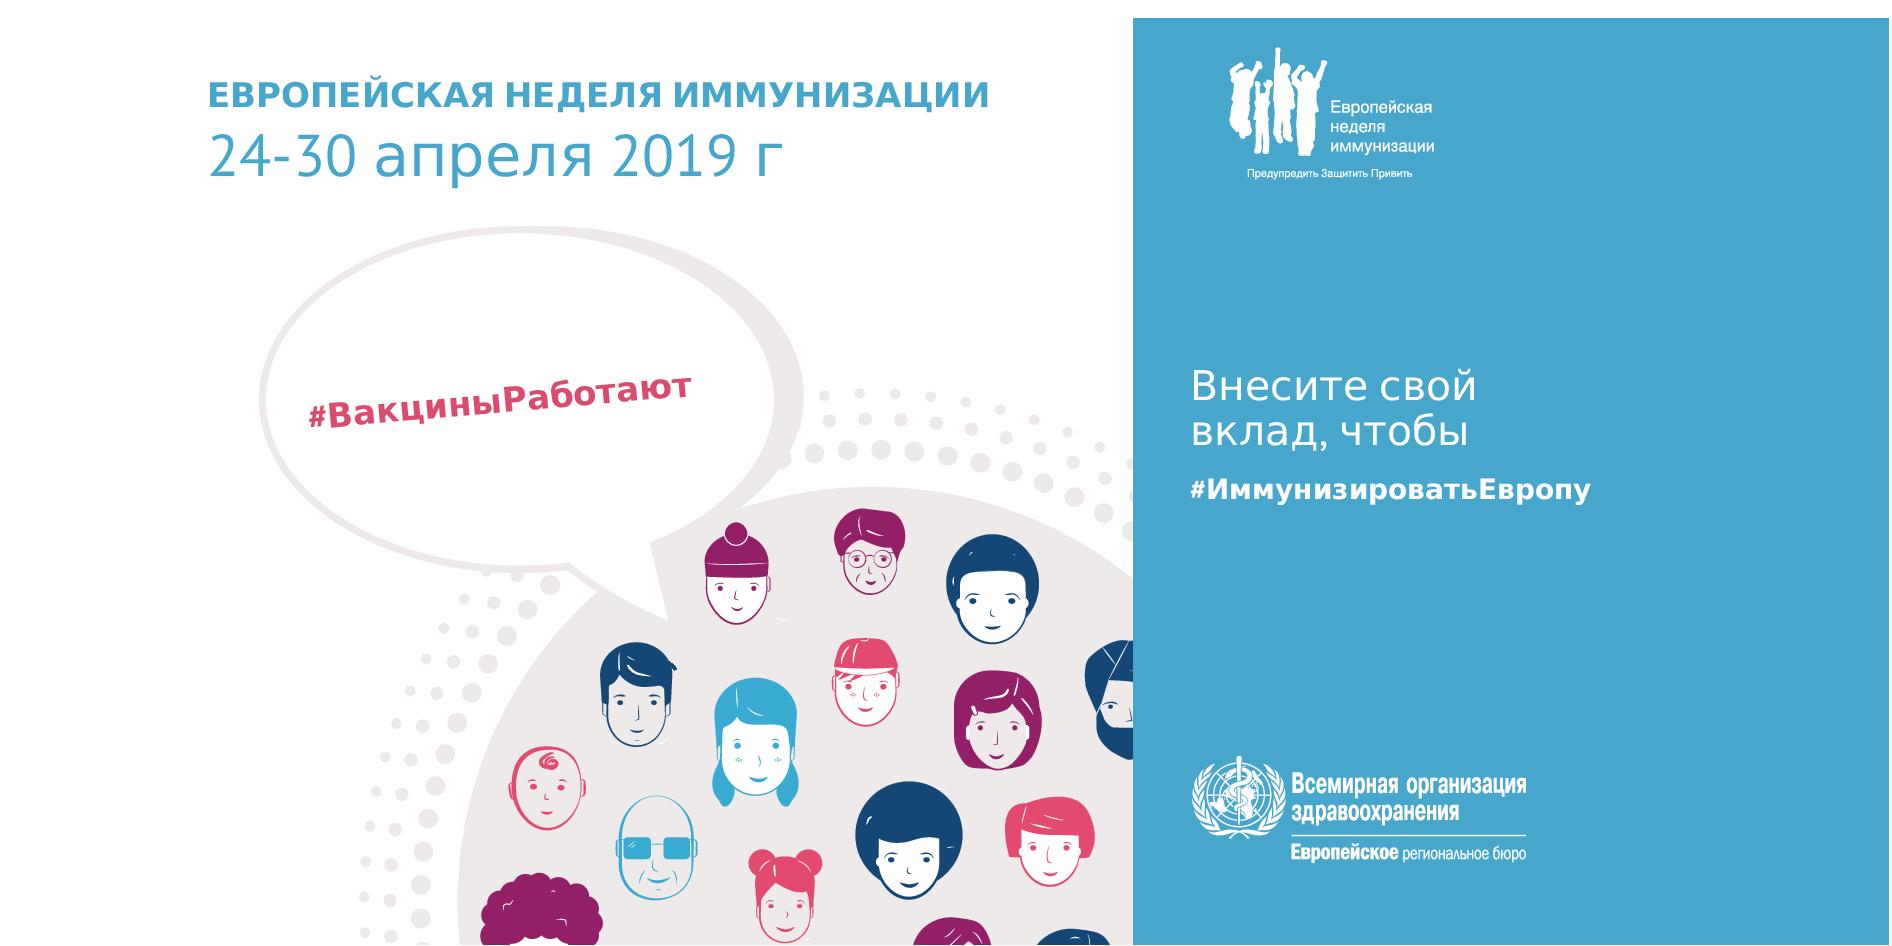 Европейская неделя иммунизации – «Защитимся вместе: #вакцины работают!».